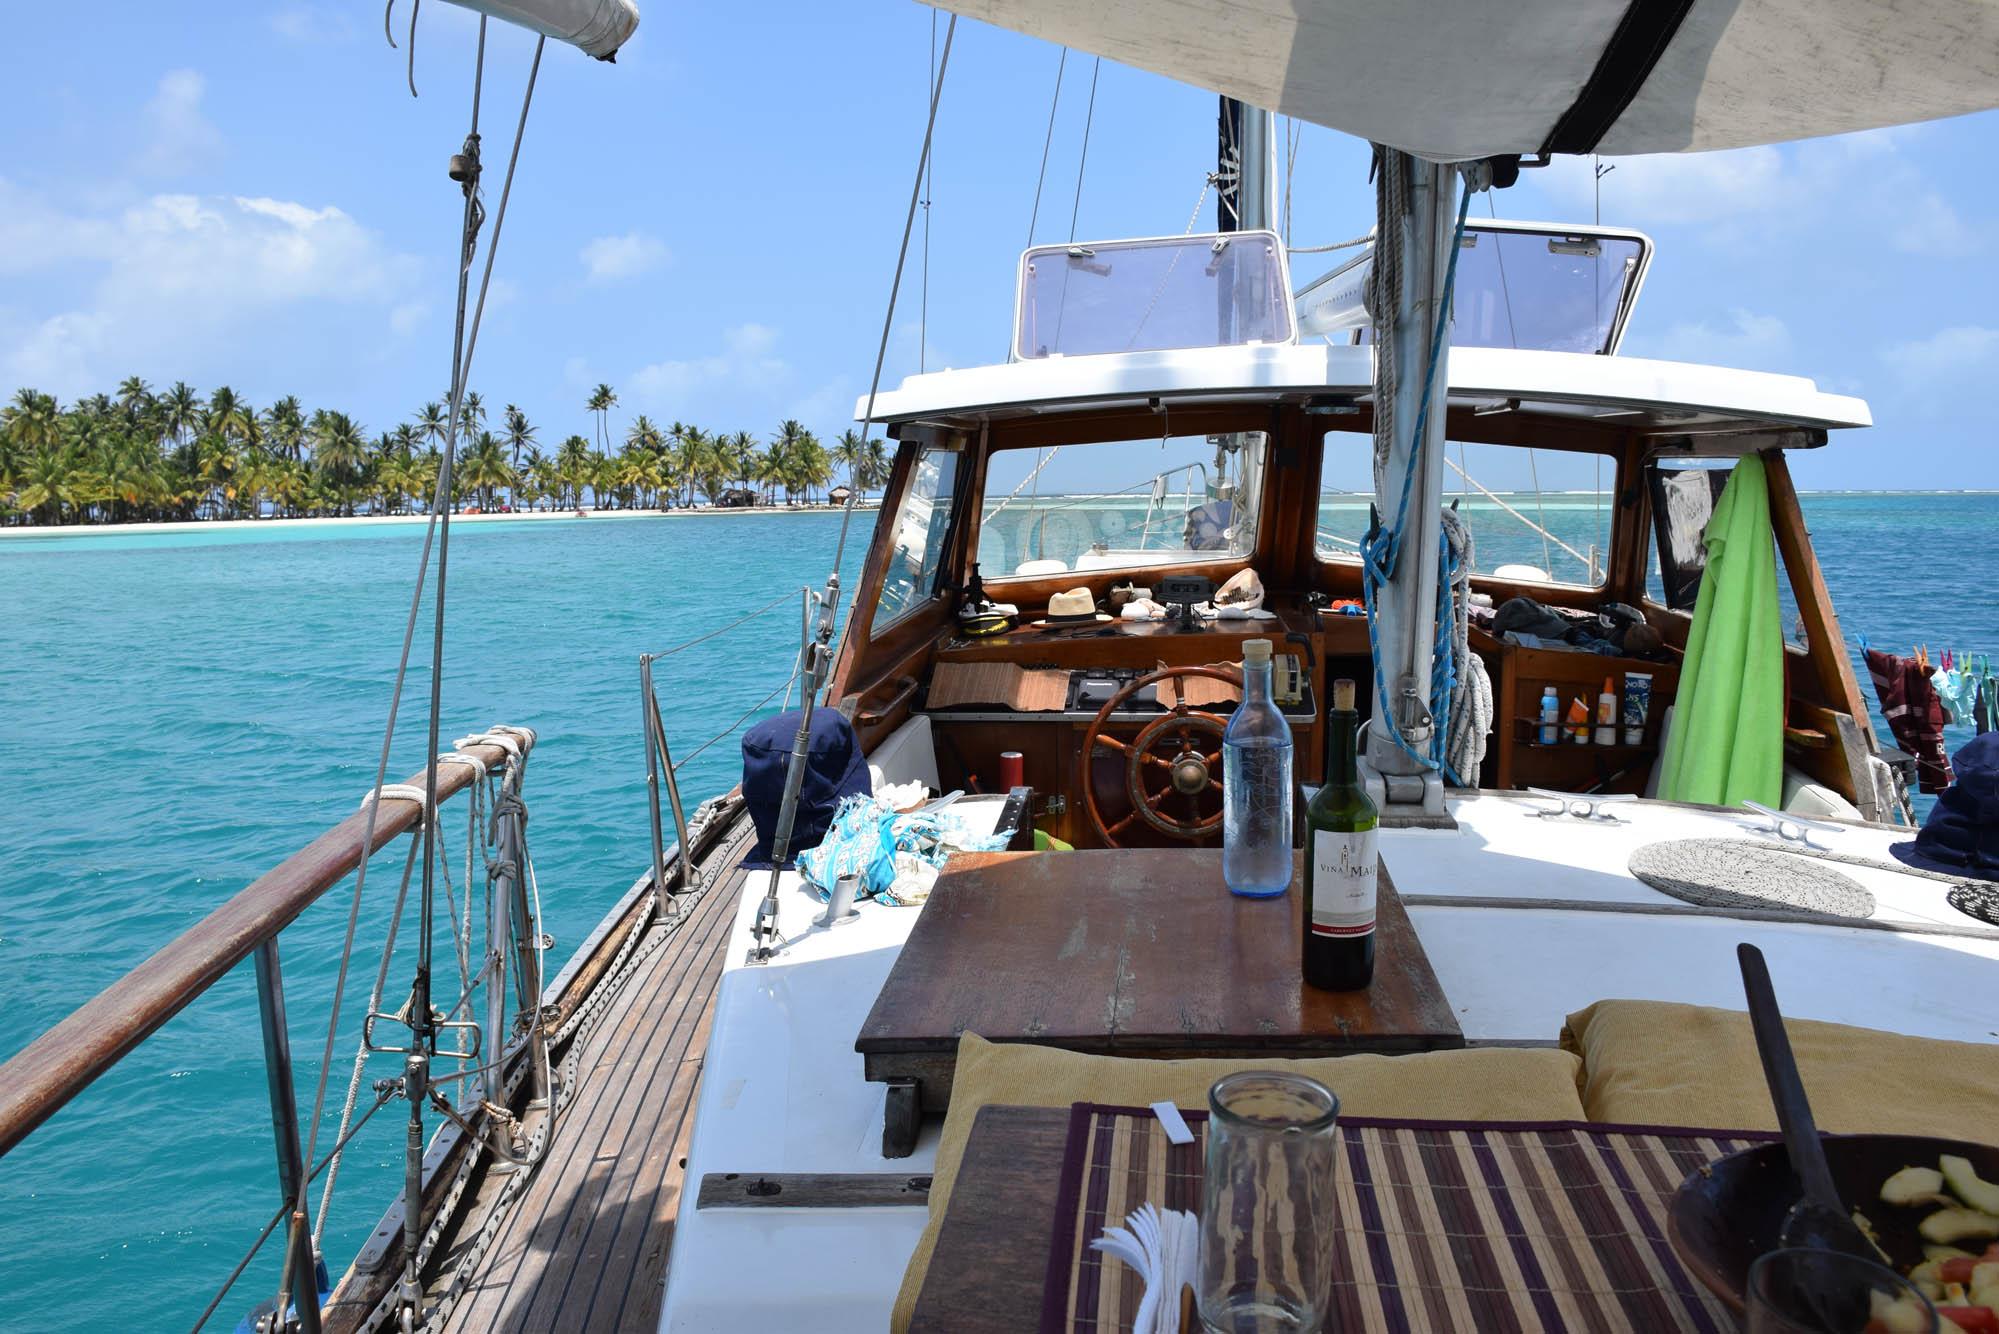 san blas - panama - veleiro lycka